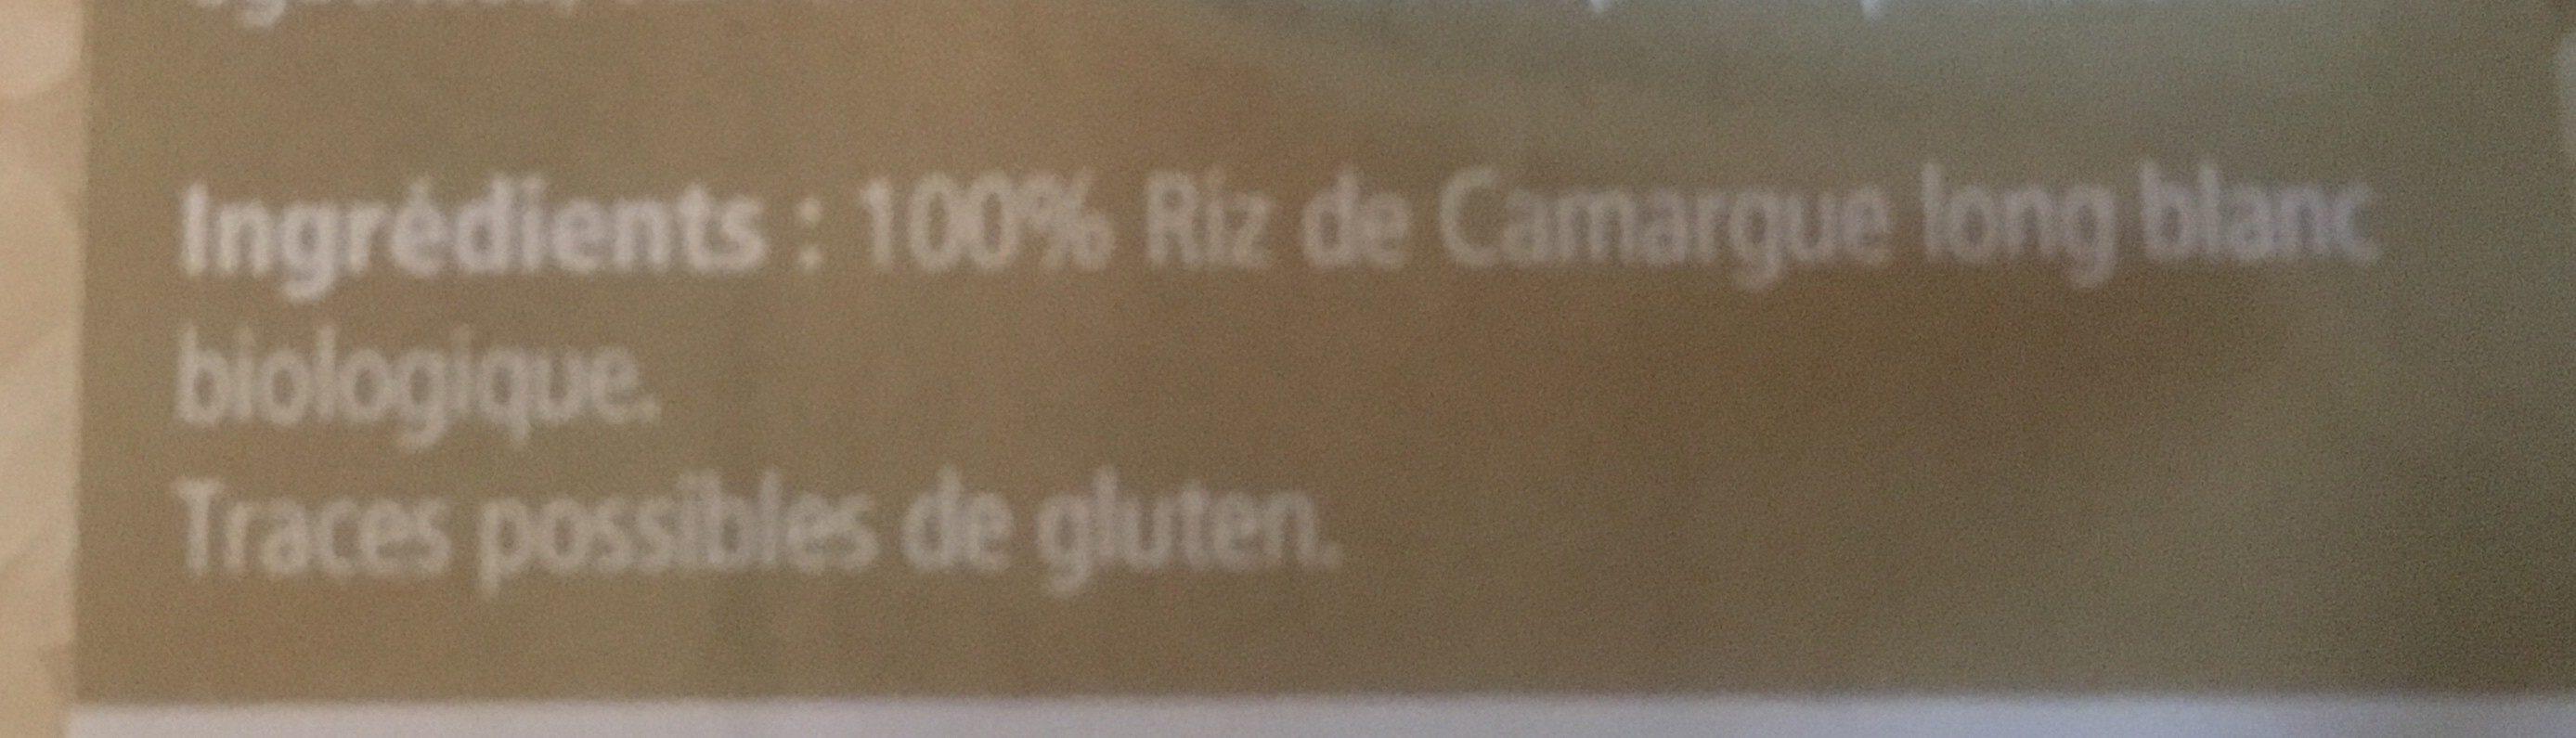 Riz de camargue long blanc biologique - Ingrédients